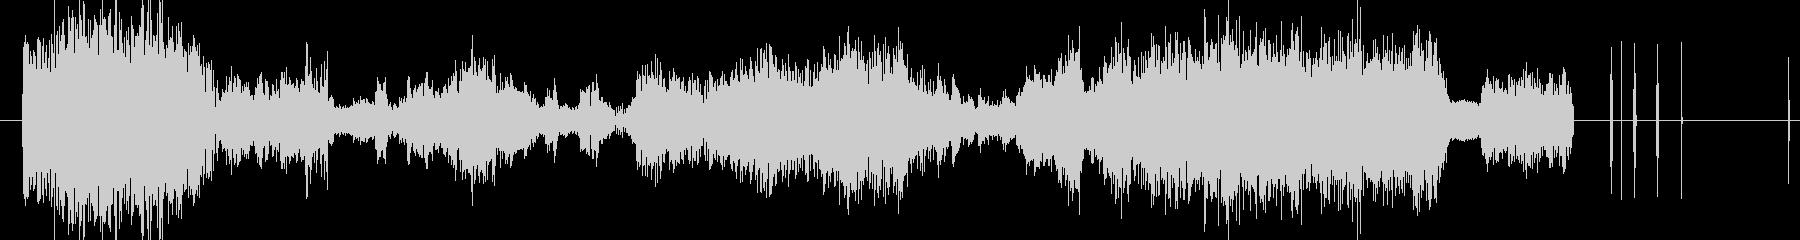 イメージ ボーカルグリッチ02の未再生の波形